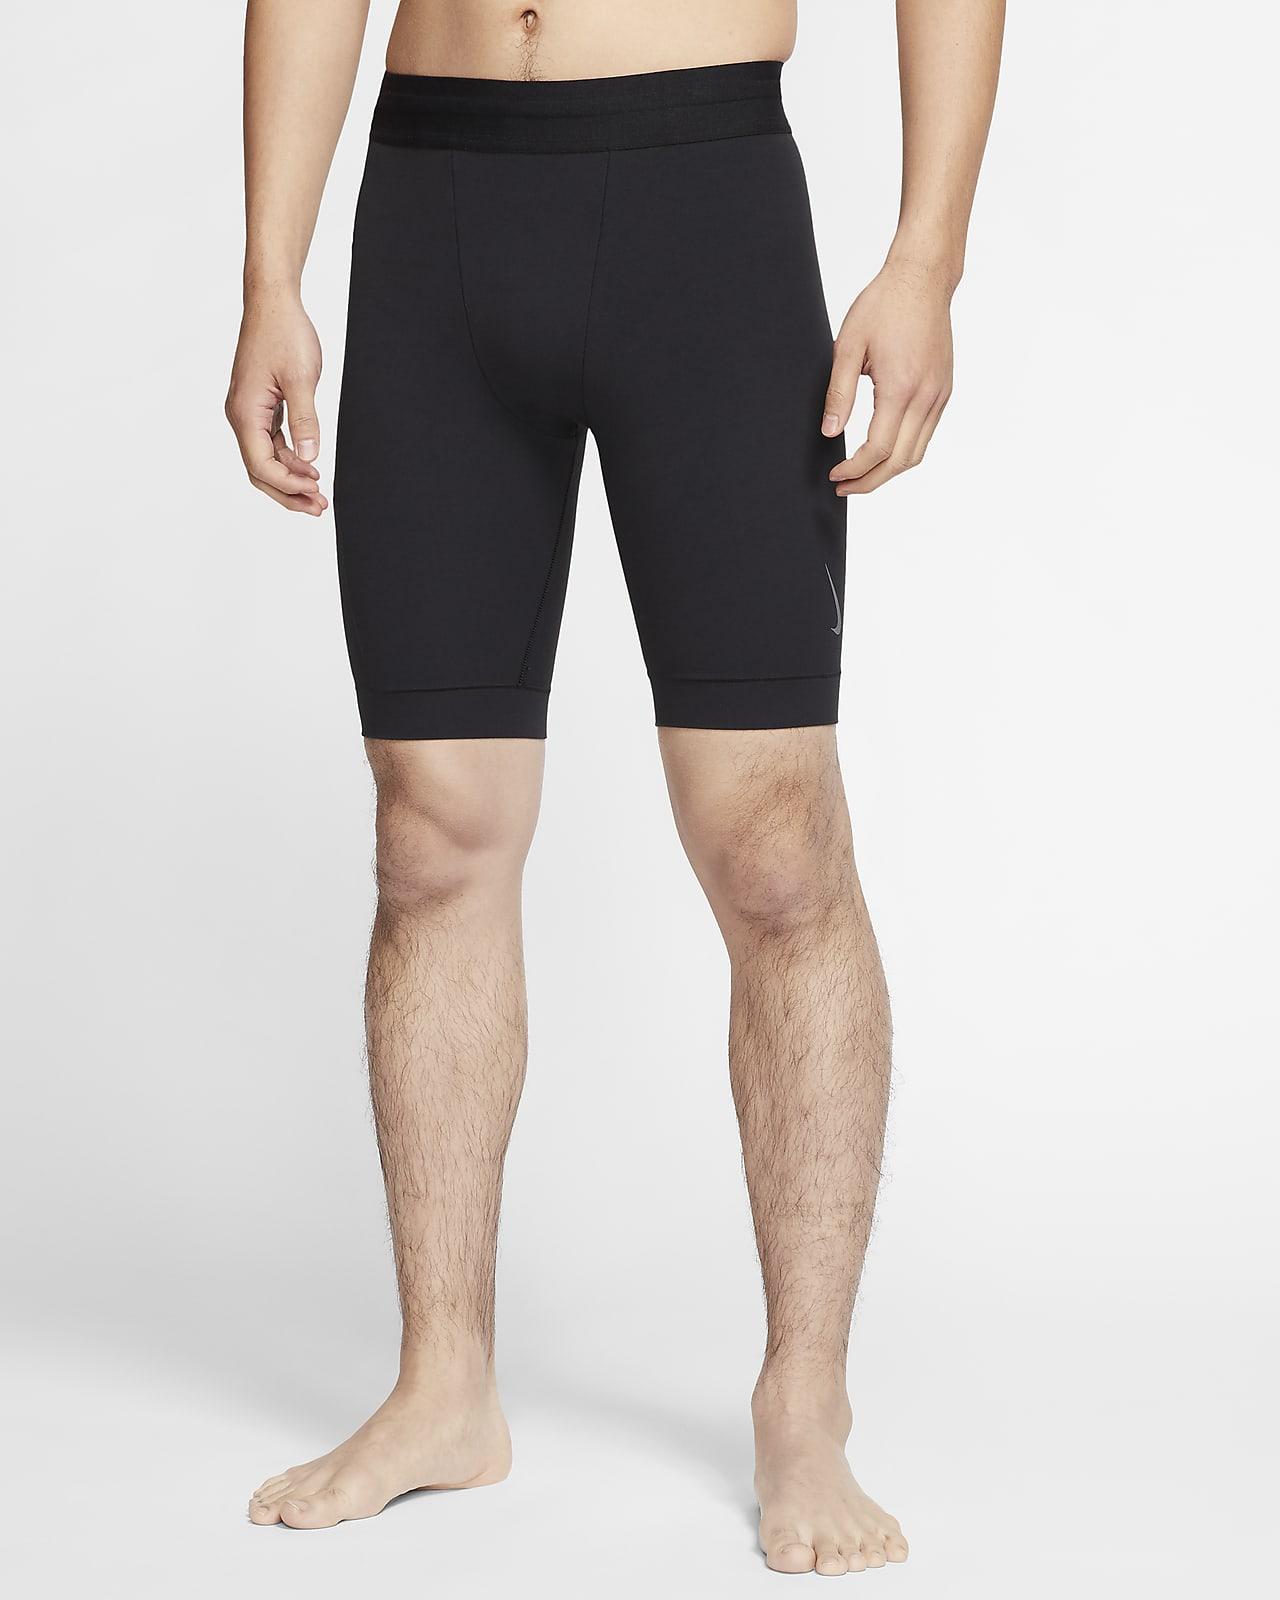 กางเกงขาสั้นผู้ชาย Infinalon Nike Yoga Dri-FIT